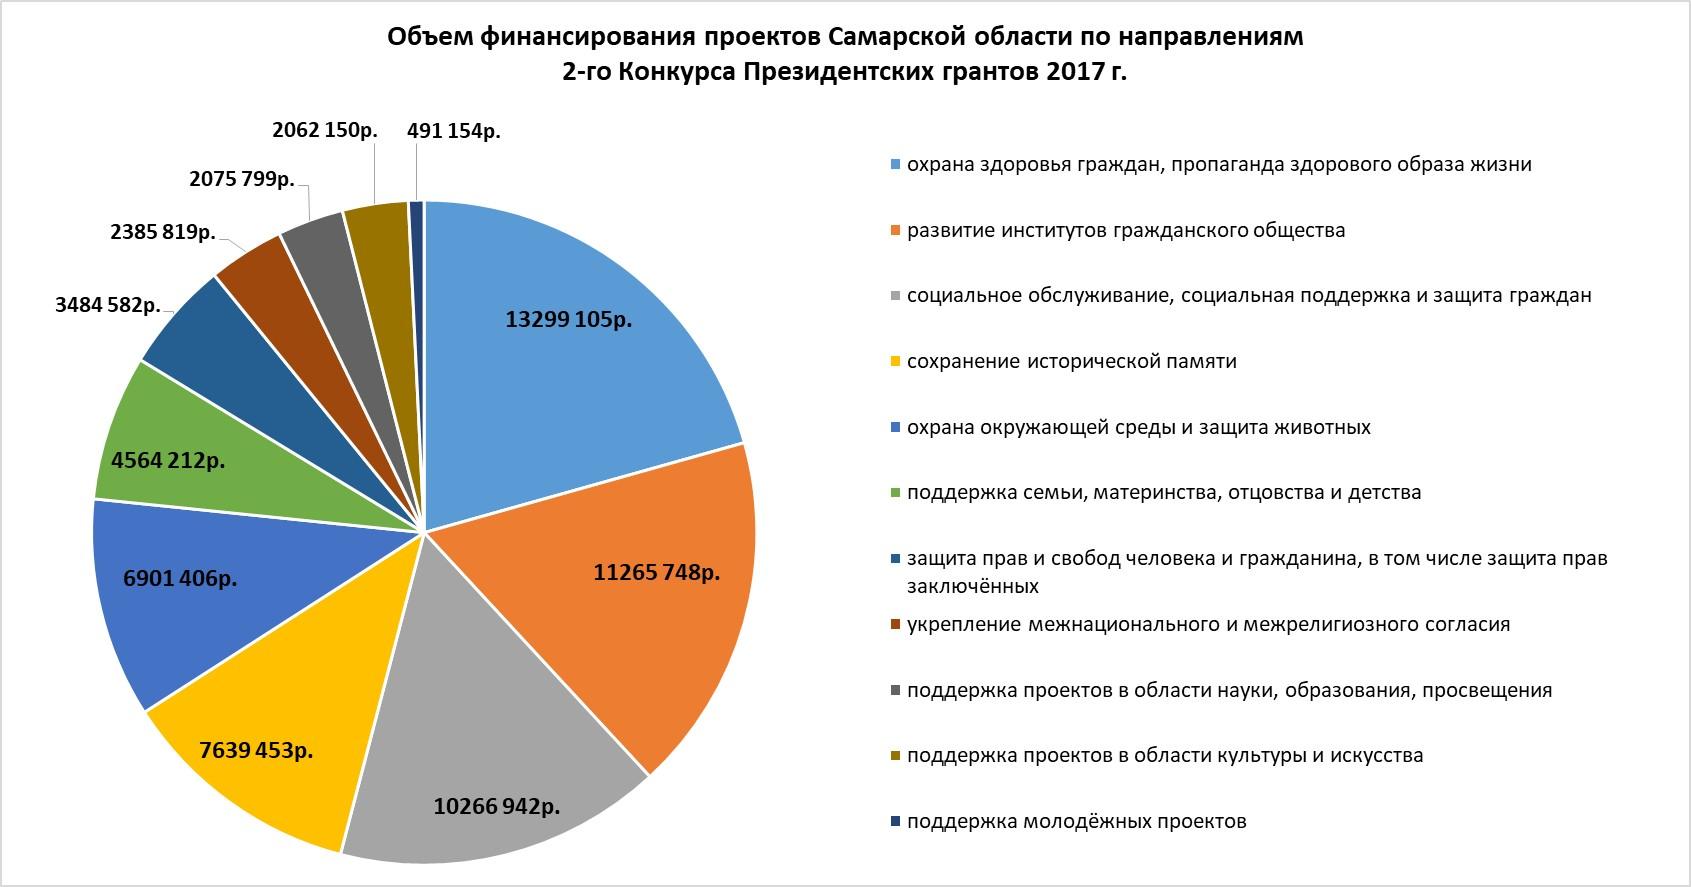 Распределение средств поддержанных проектов по направлениям 2-го конкурса Президентских грантов 2017 года в Самарской области